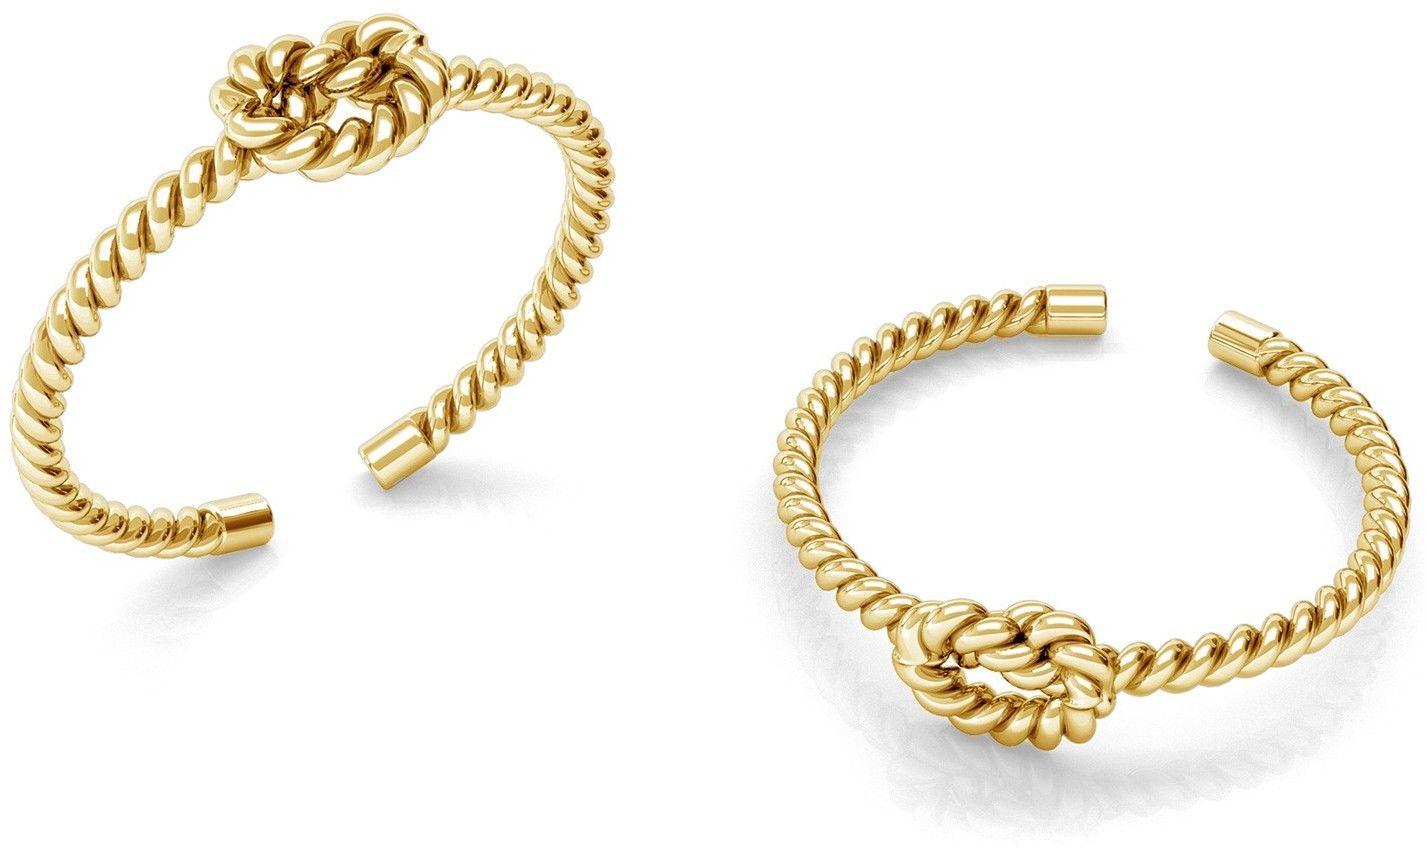 Srebrny pierścionek supeł z liny, sznurek, srebro 925 : Srebro - kolor pokrycia - Pokrycie żółtym 18K złotem